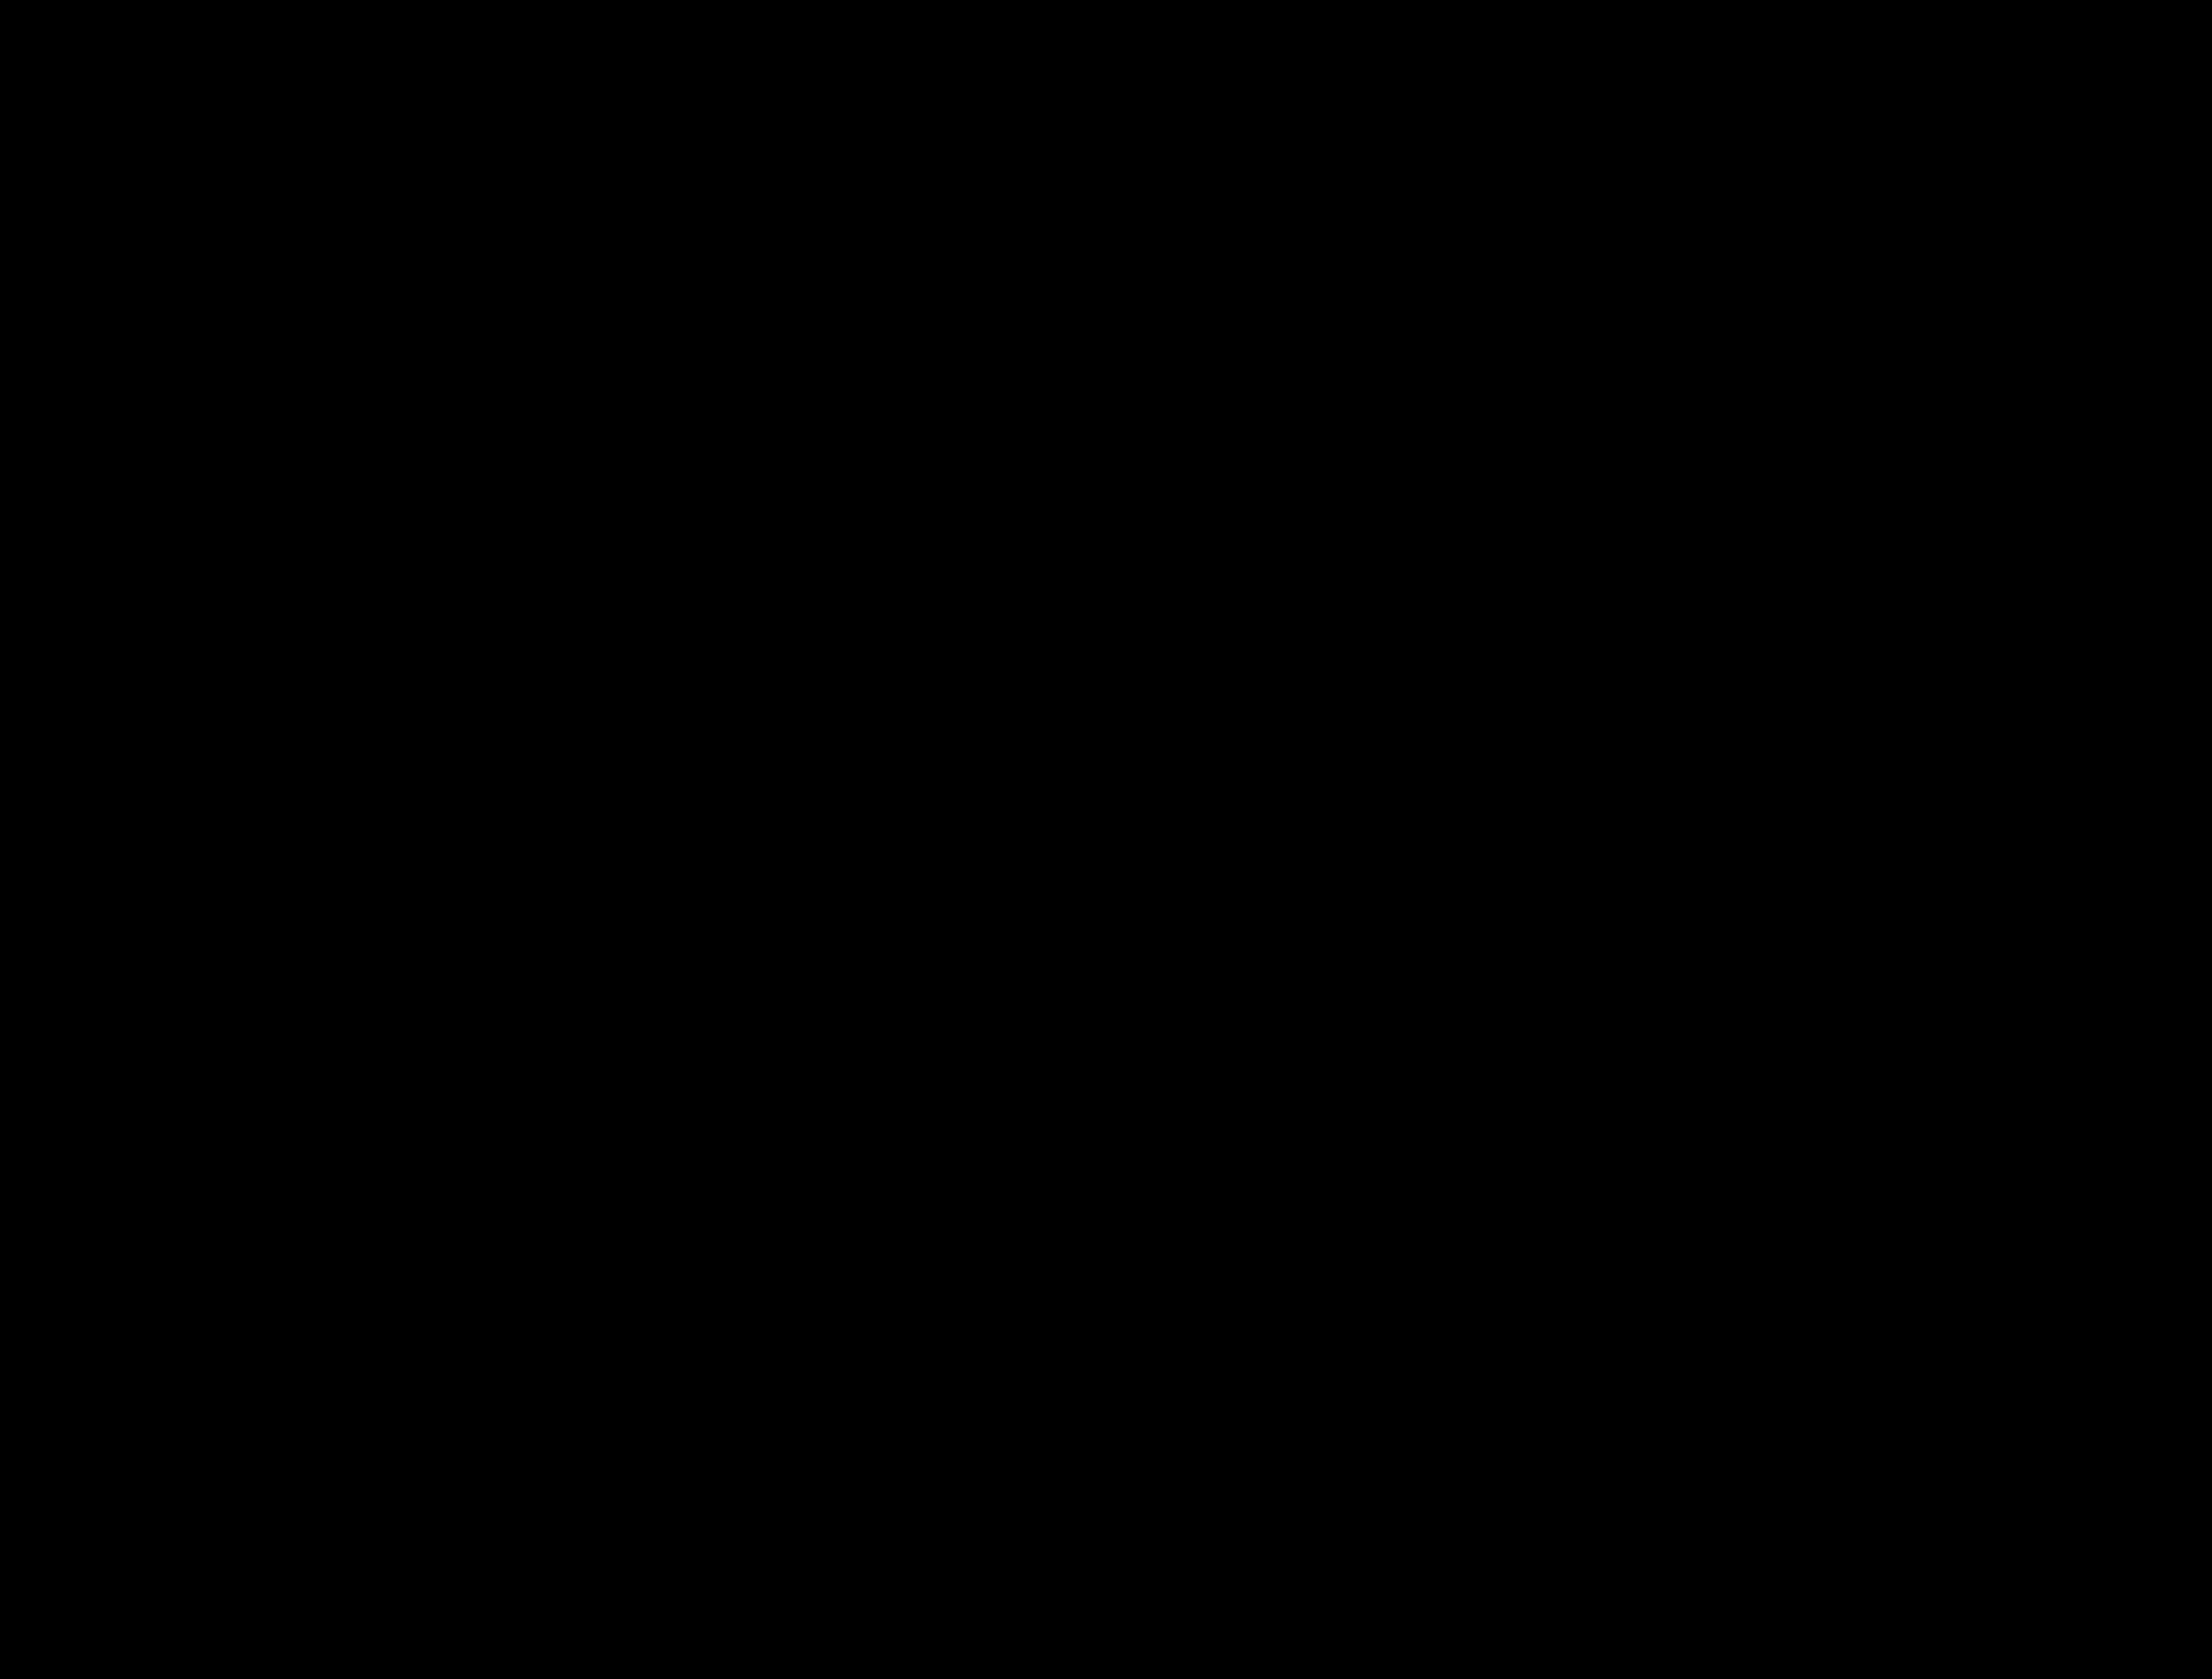 Картинка с кодом для форума цветы